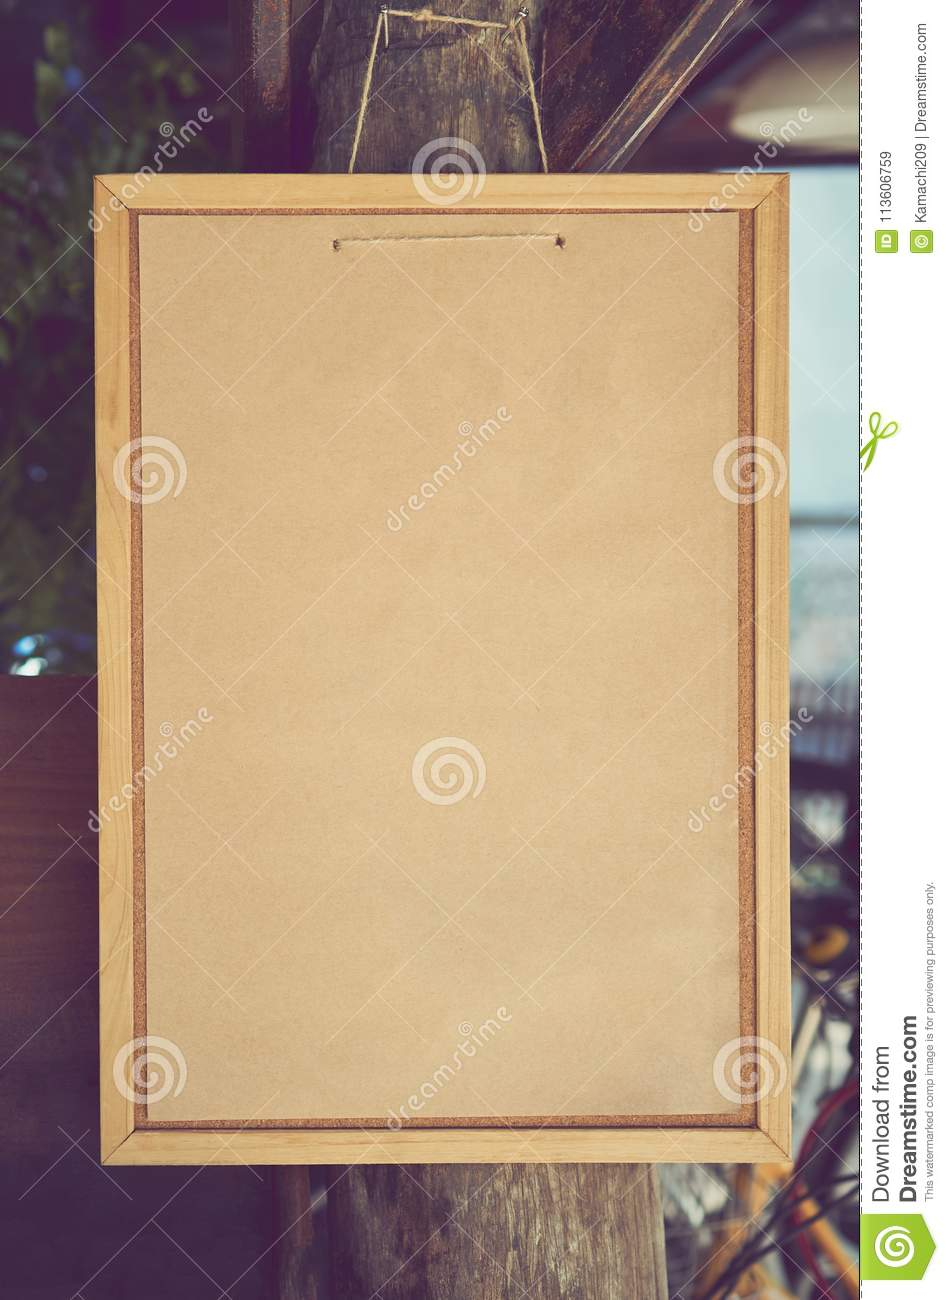 Full Size of Leeren Sie Holzrahmenreste Auf Wand Baums Natrliches Wohnzimmer Tapeten Für Küche Fototapeten Schöne Betten Die Schlafzimmer Mein Schöner Garten Abo Wohnzimmer Schöne Tapeten